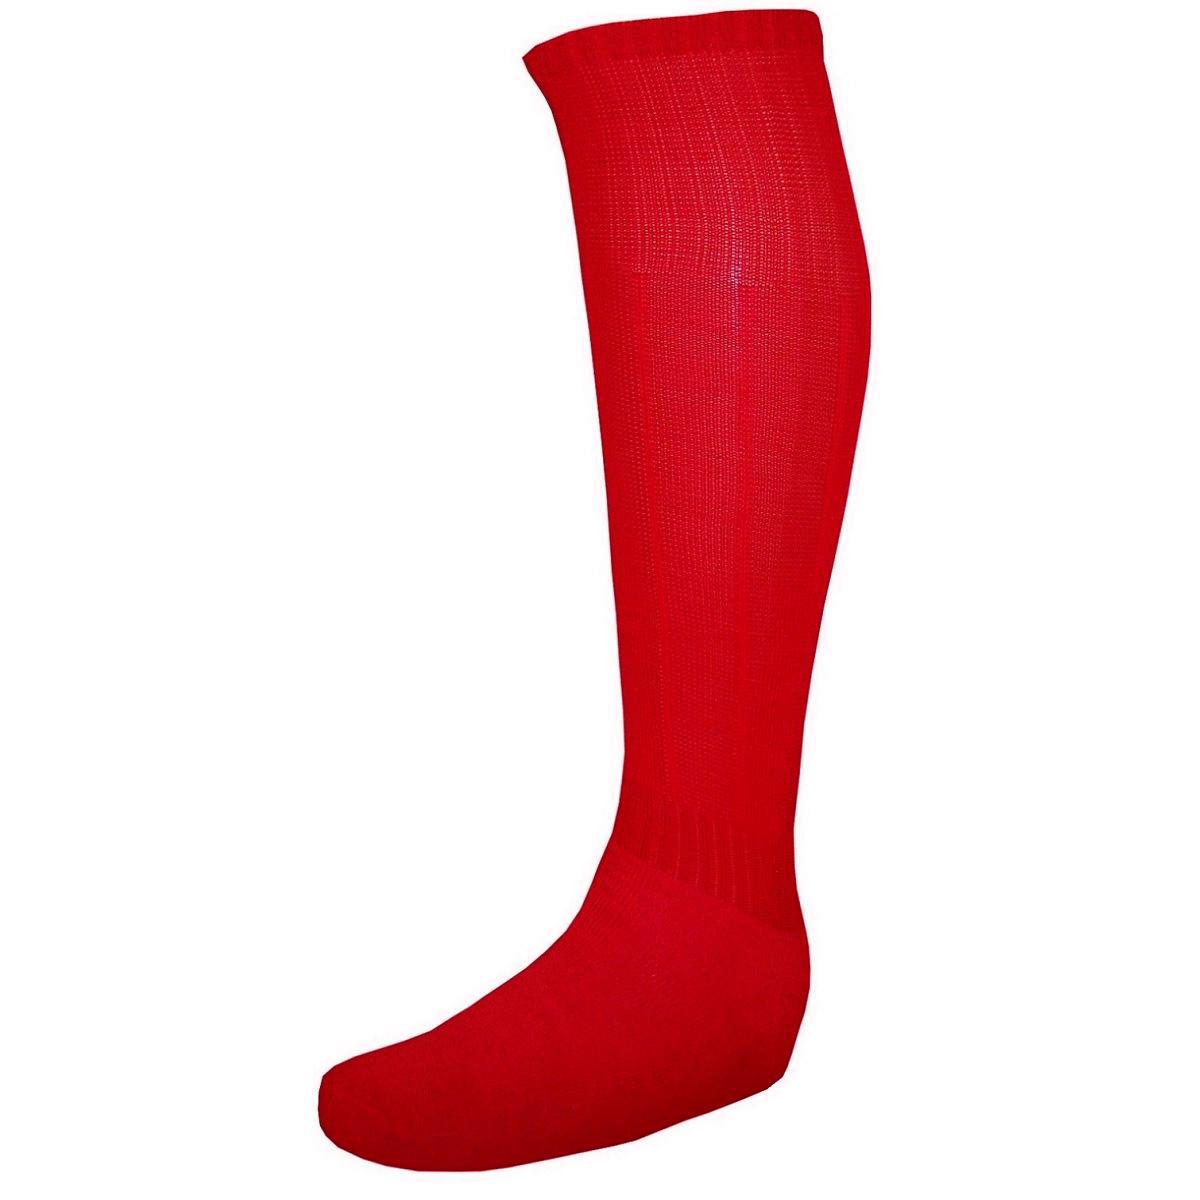 Uniforme Esportivo Completo modelo Suécia 14+1 (14 camisas Branco/Vermelho + 14 calções Madrid Branco + 14 pares de meiões Vermelhos + 1 conjunto de goleiro) + Brindes